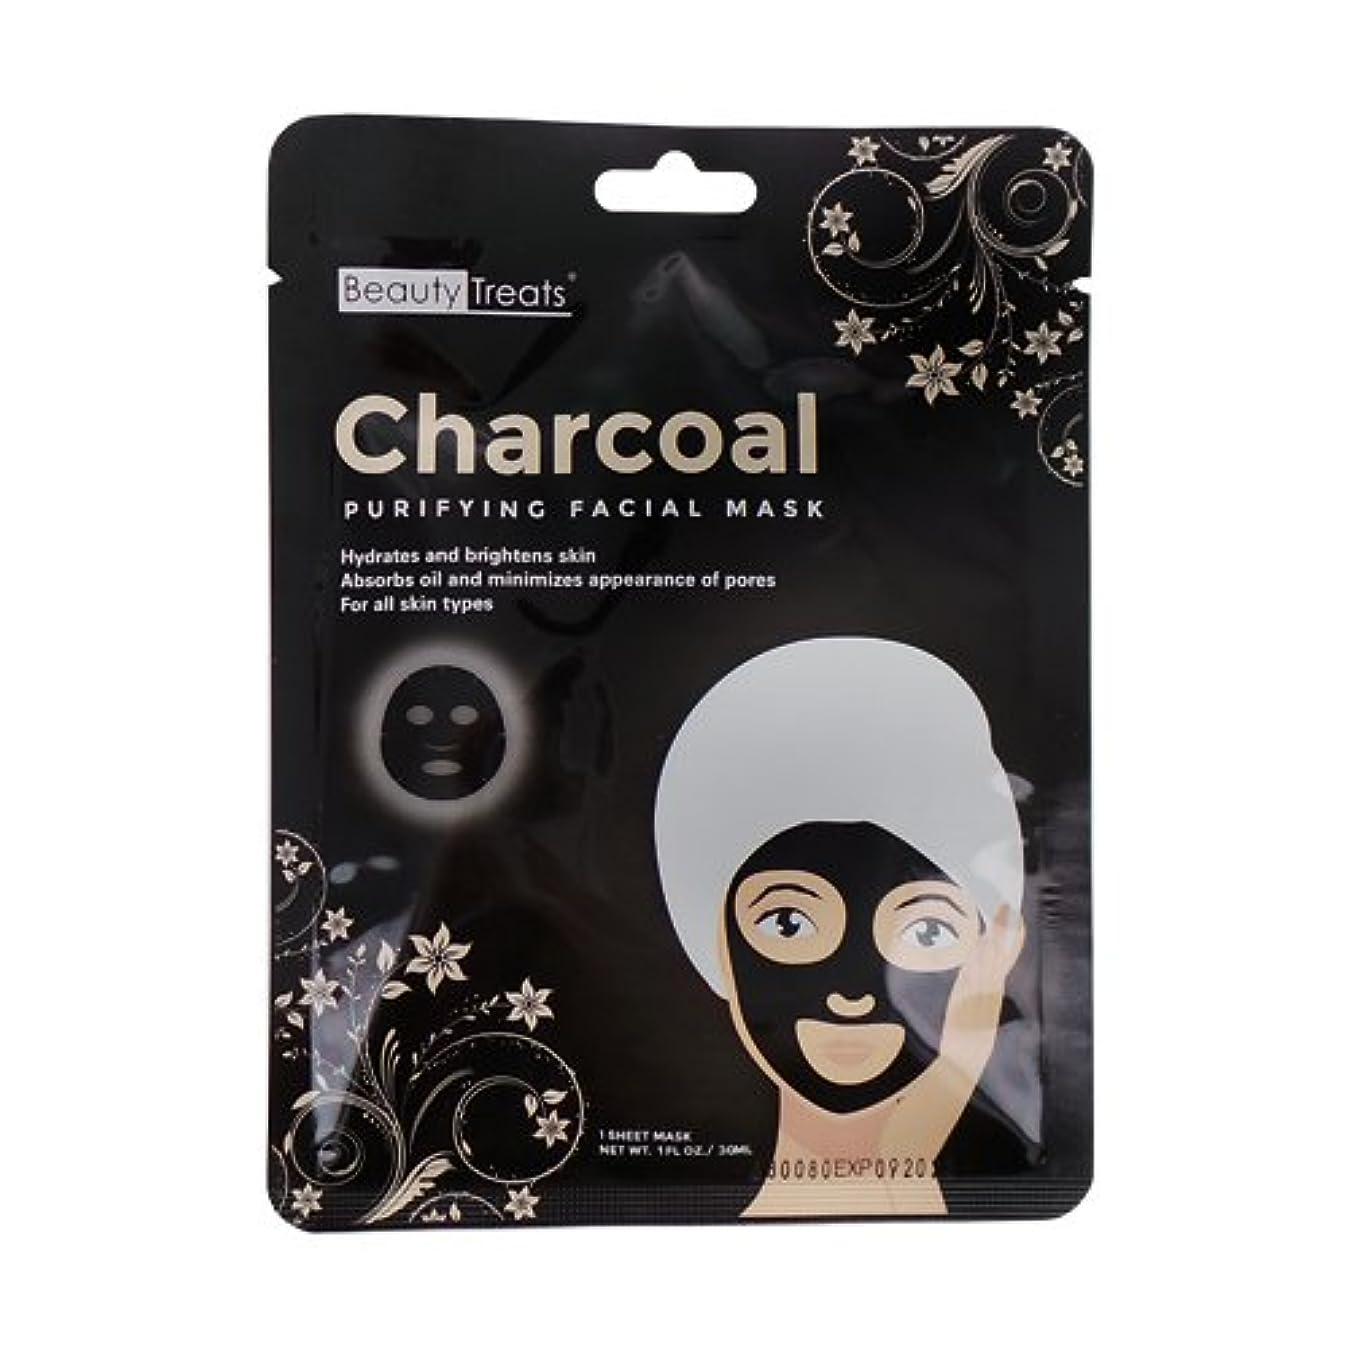 ウェブ定期的な適性(3 Pack) BEAUTY TREATS Charcoal Purifying Facial Mask (並行輸入品)